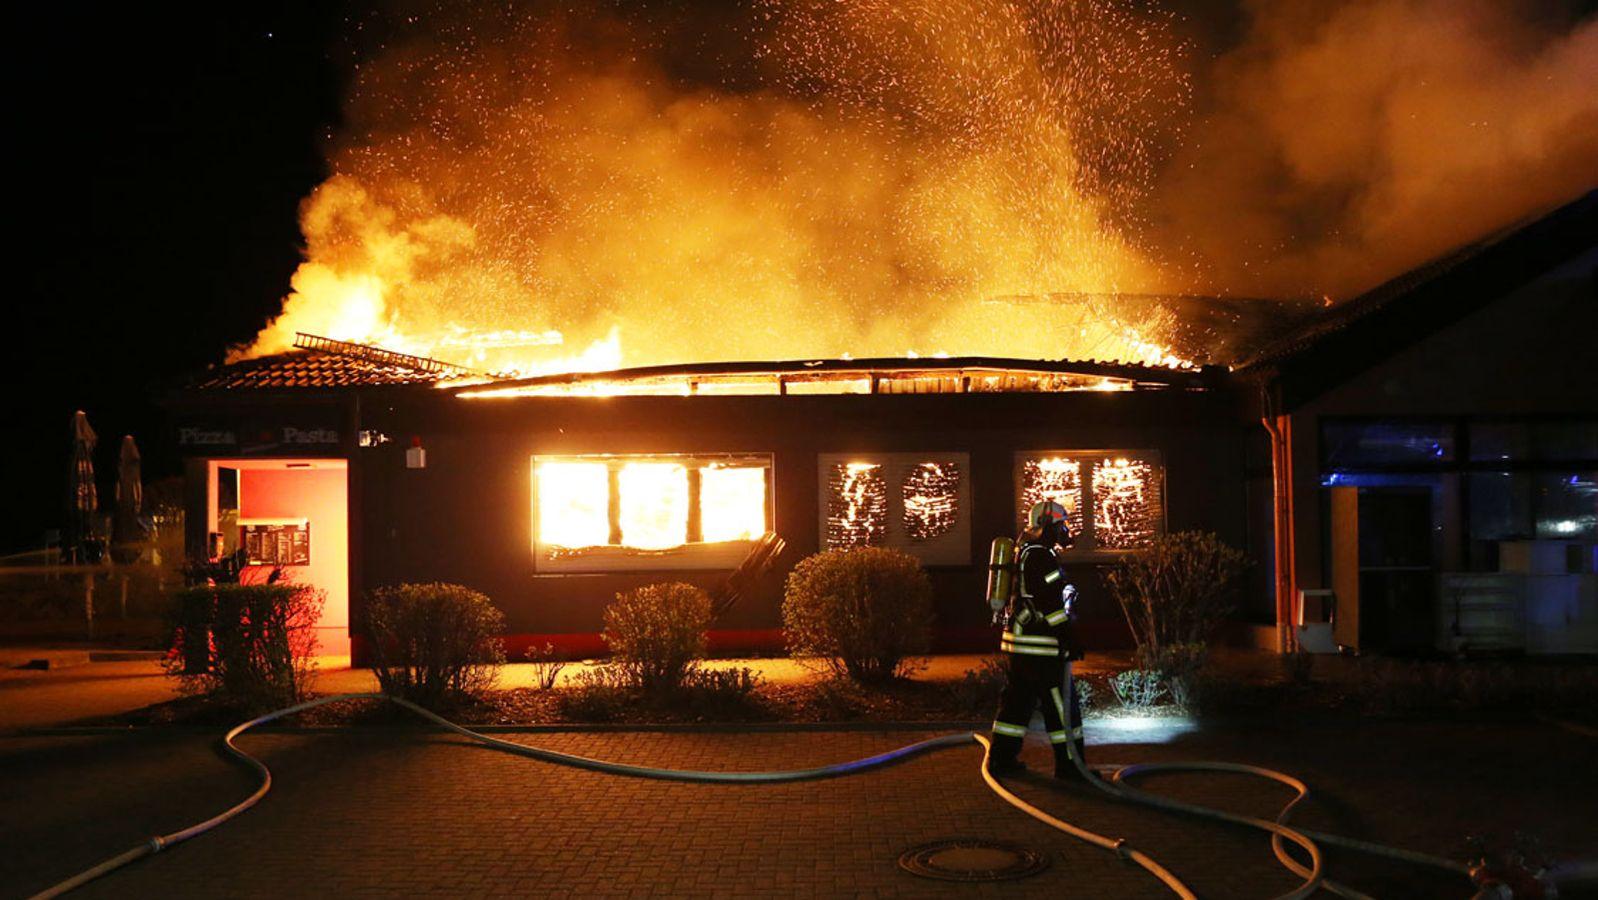 Pizzeria ausgebrannt - 100 Feuerwehrleute im Einsatz